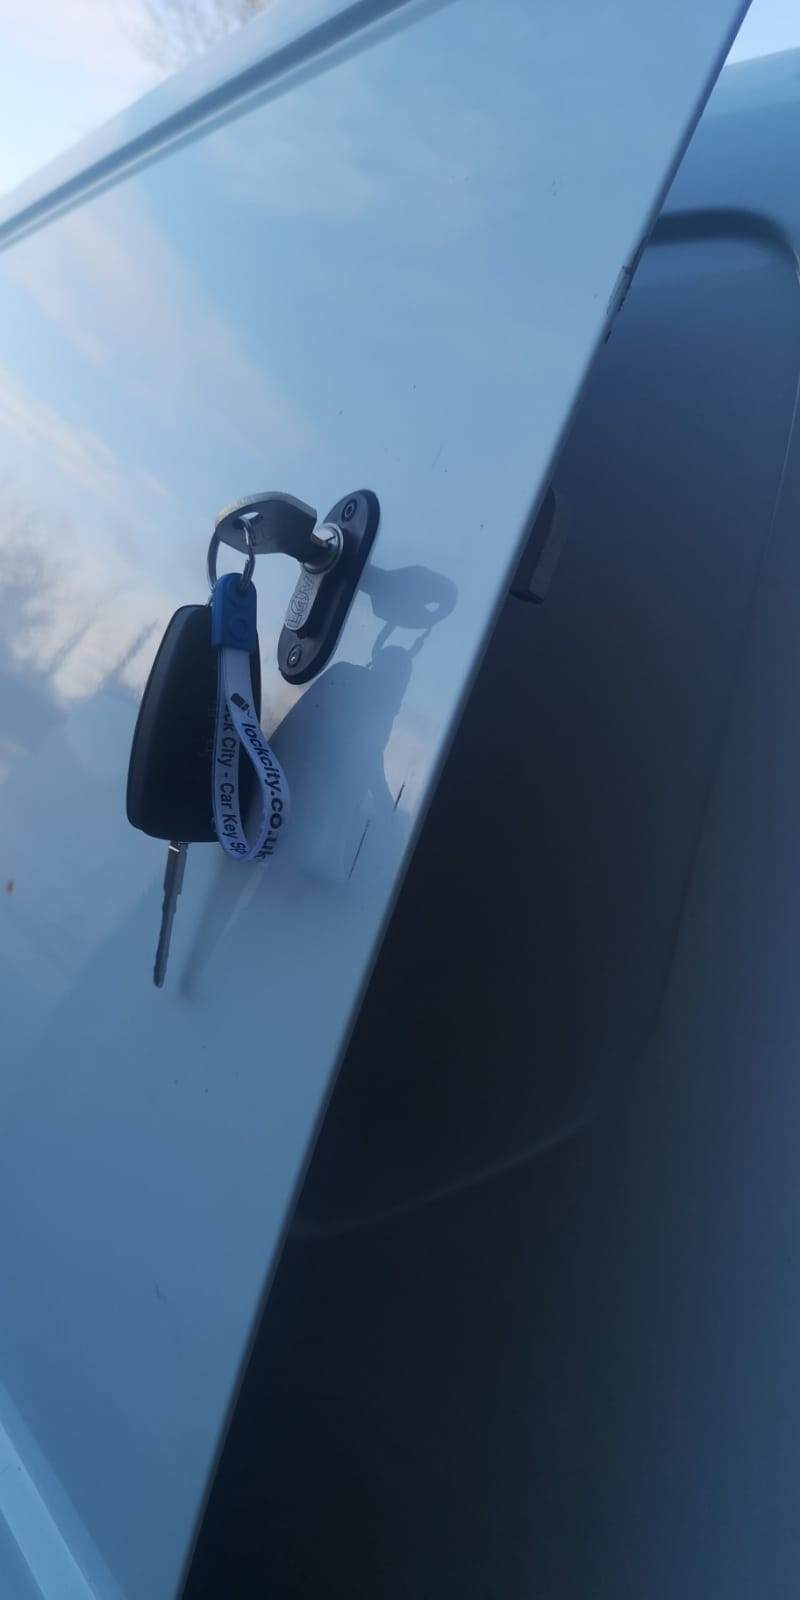 Ford Transit Custom Deadlocks